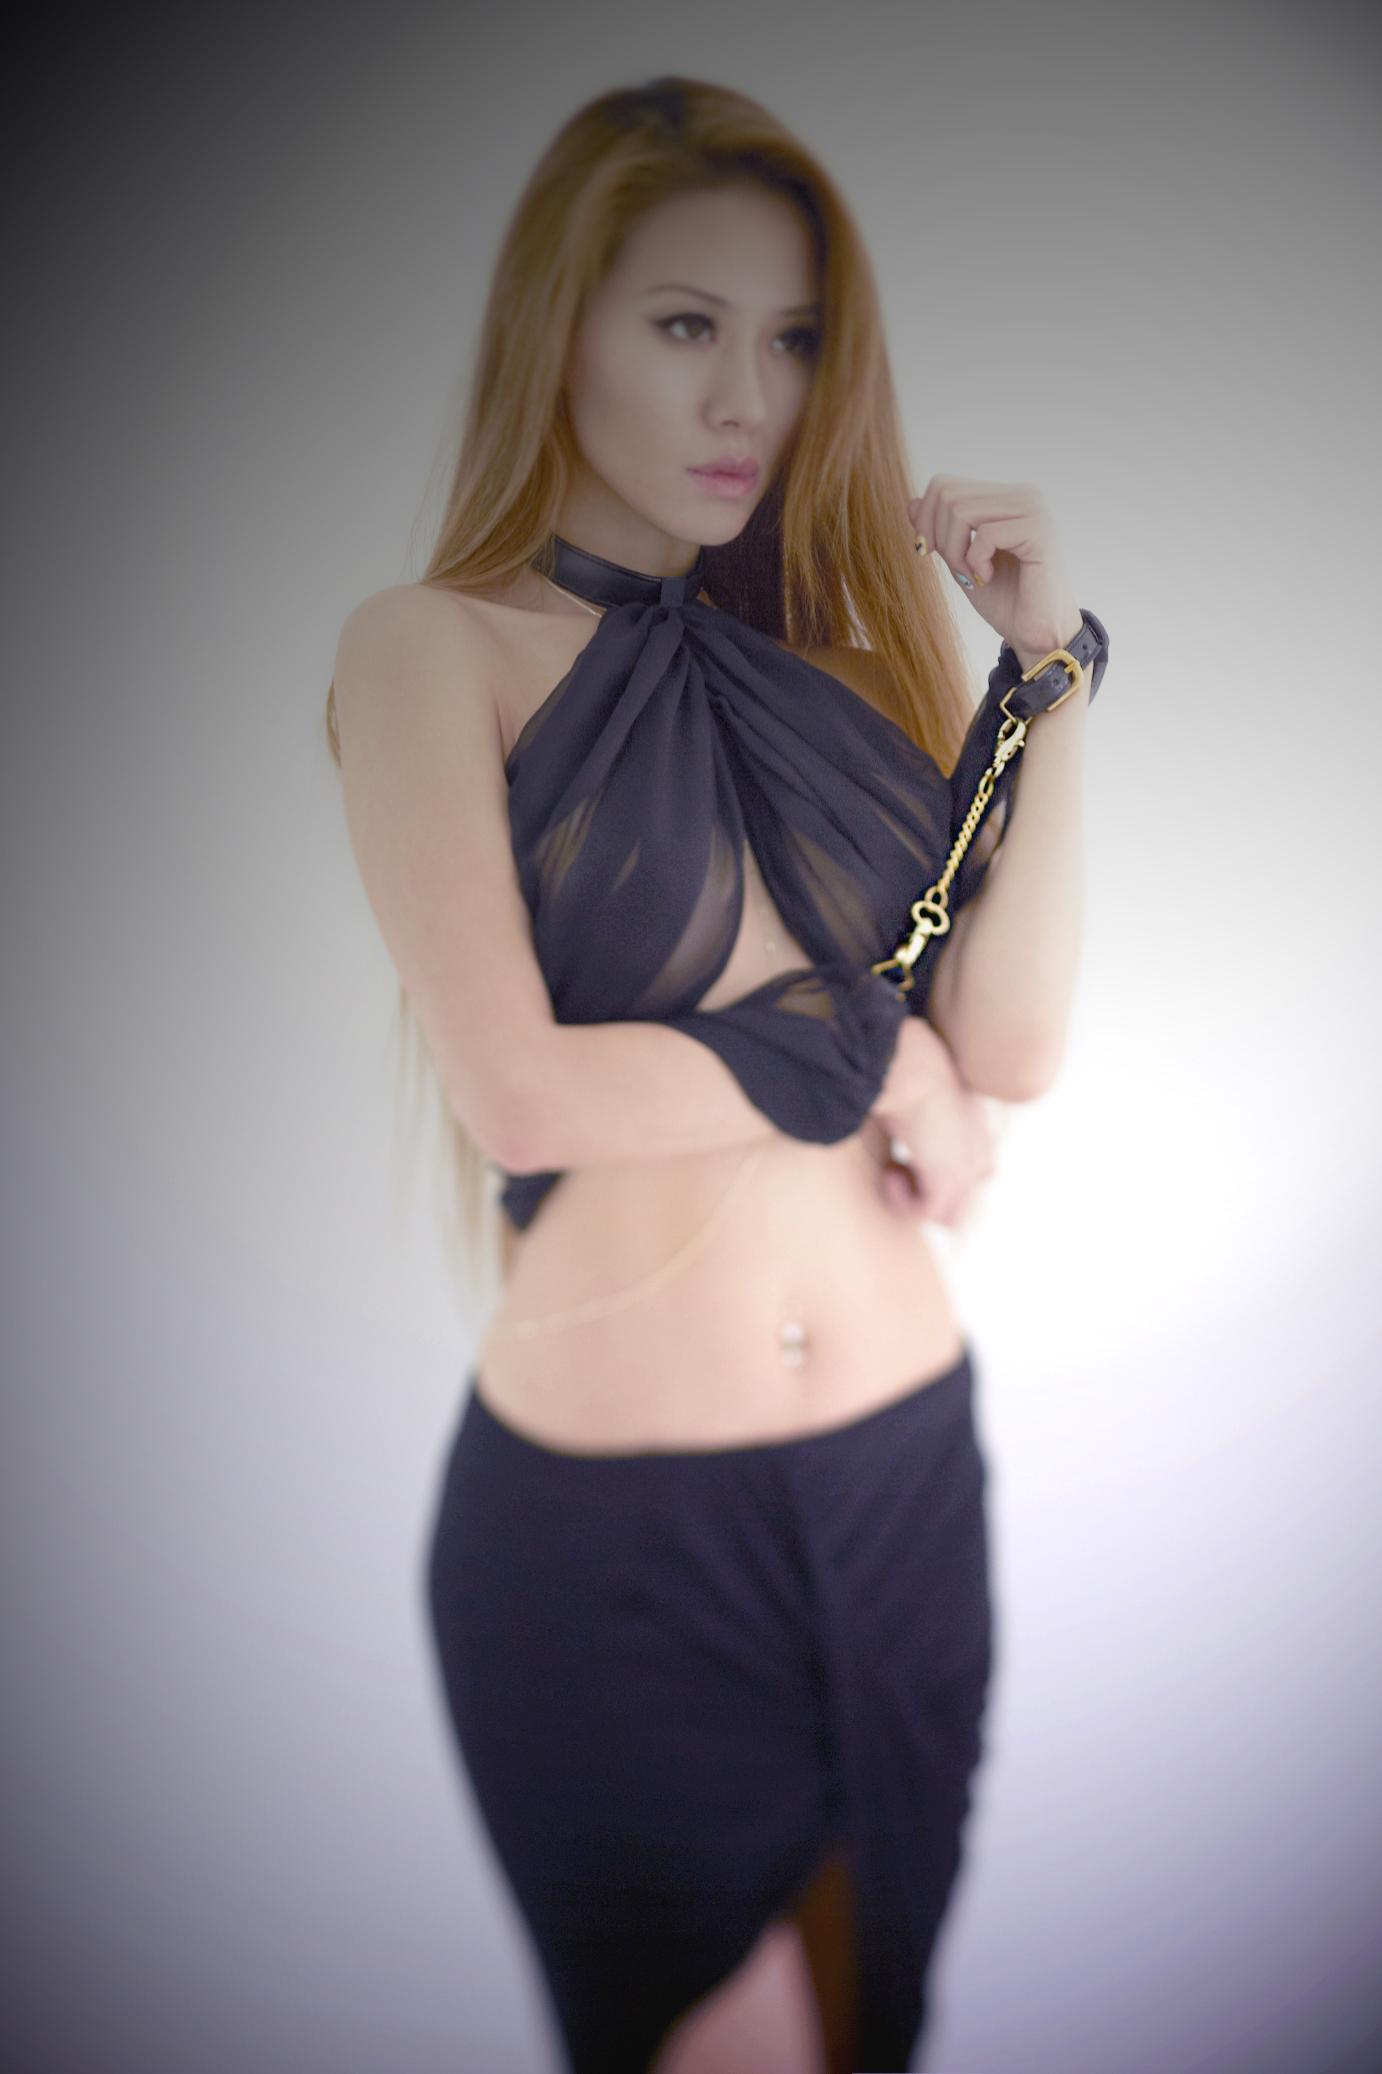 silk_scarf_restraint_handcuffs